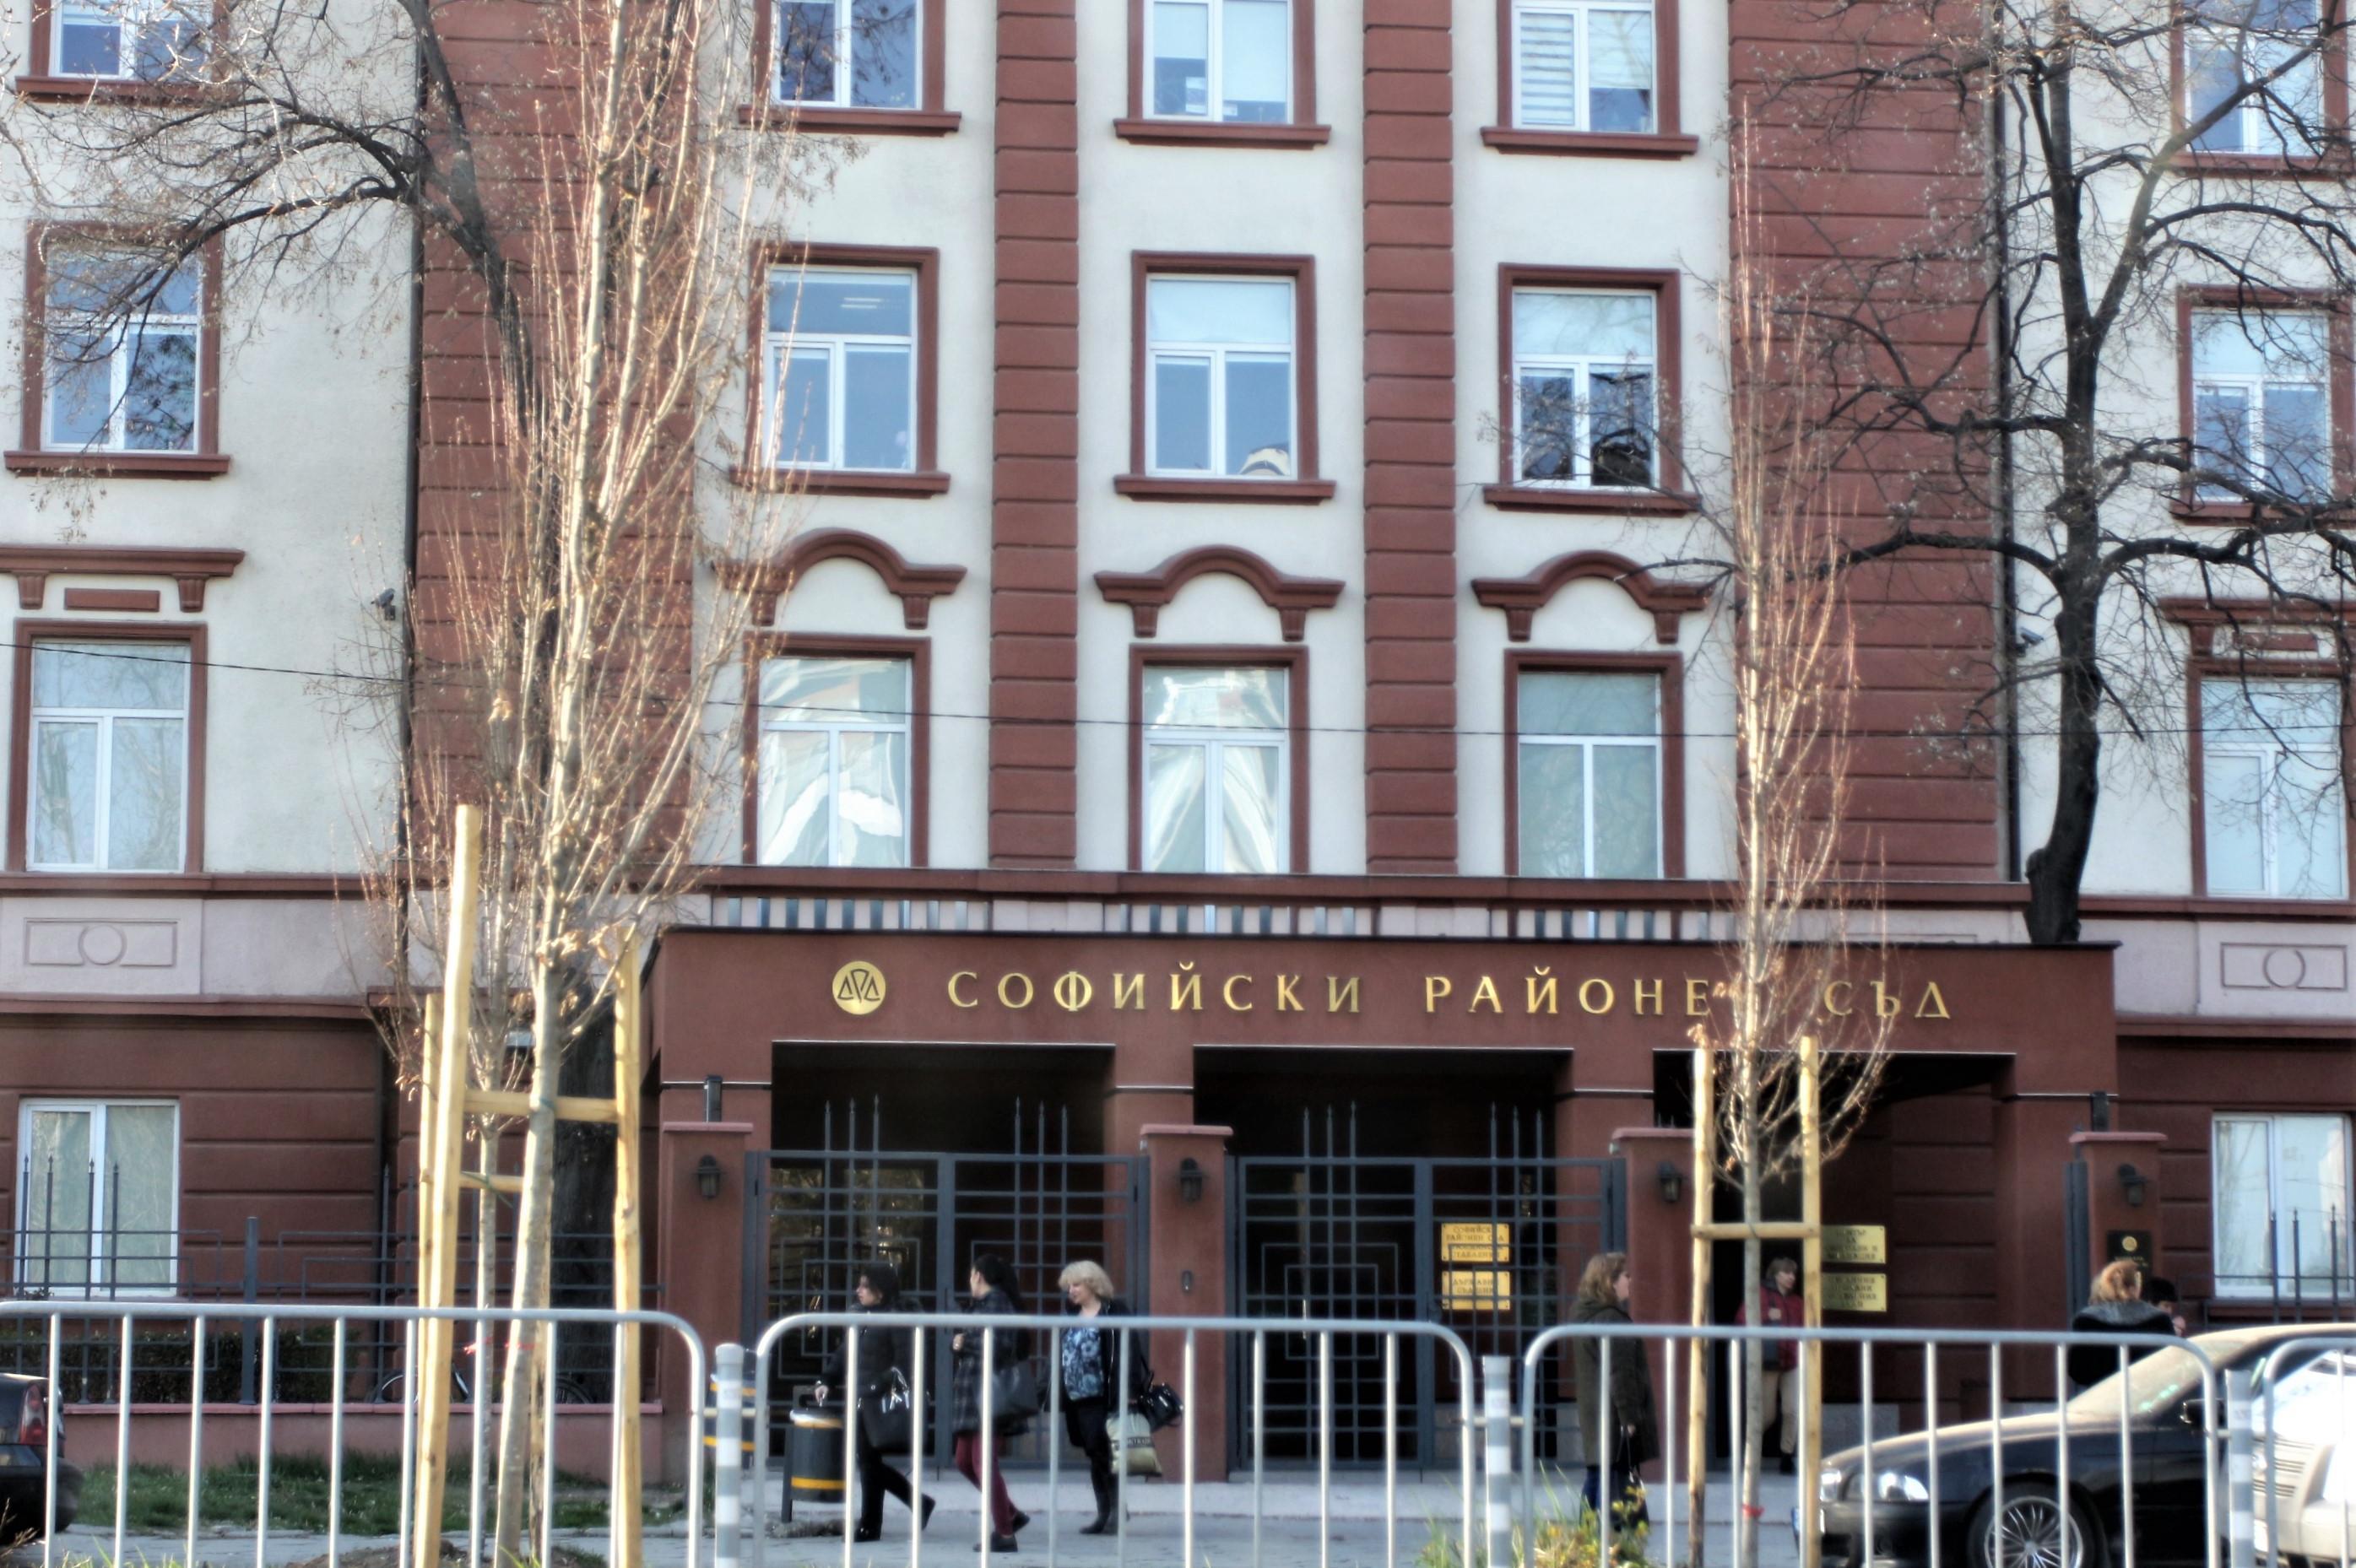 И пак сигнал за бомба: Този път в Софийски районен съд